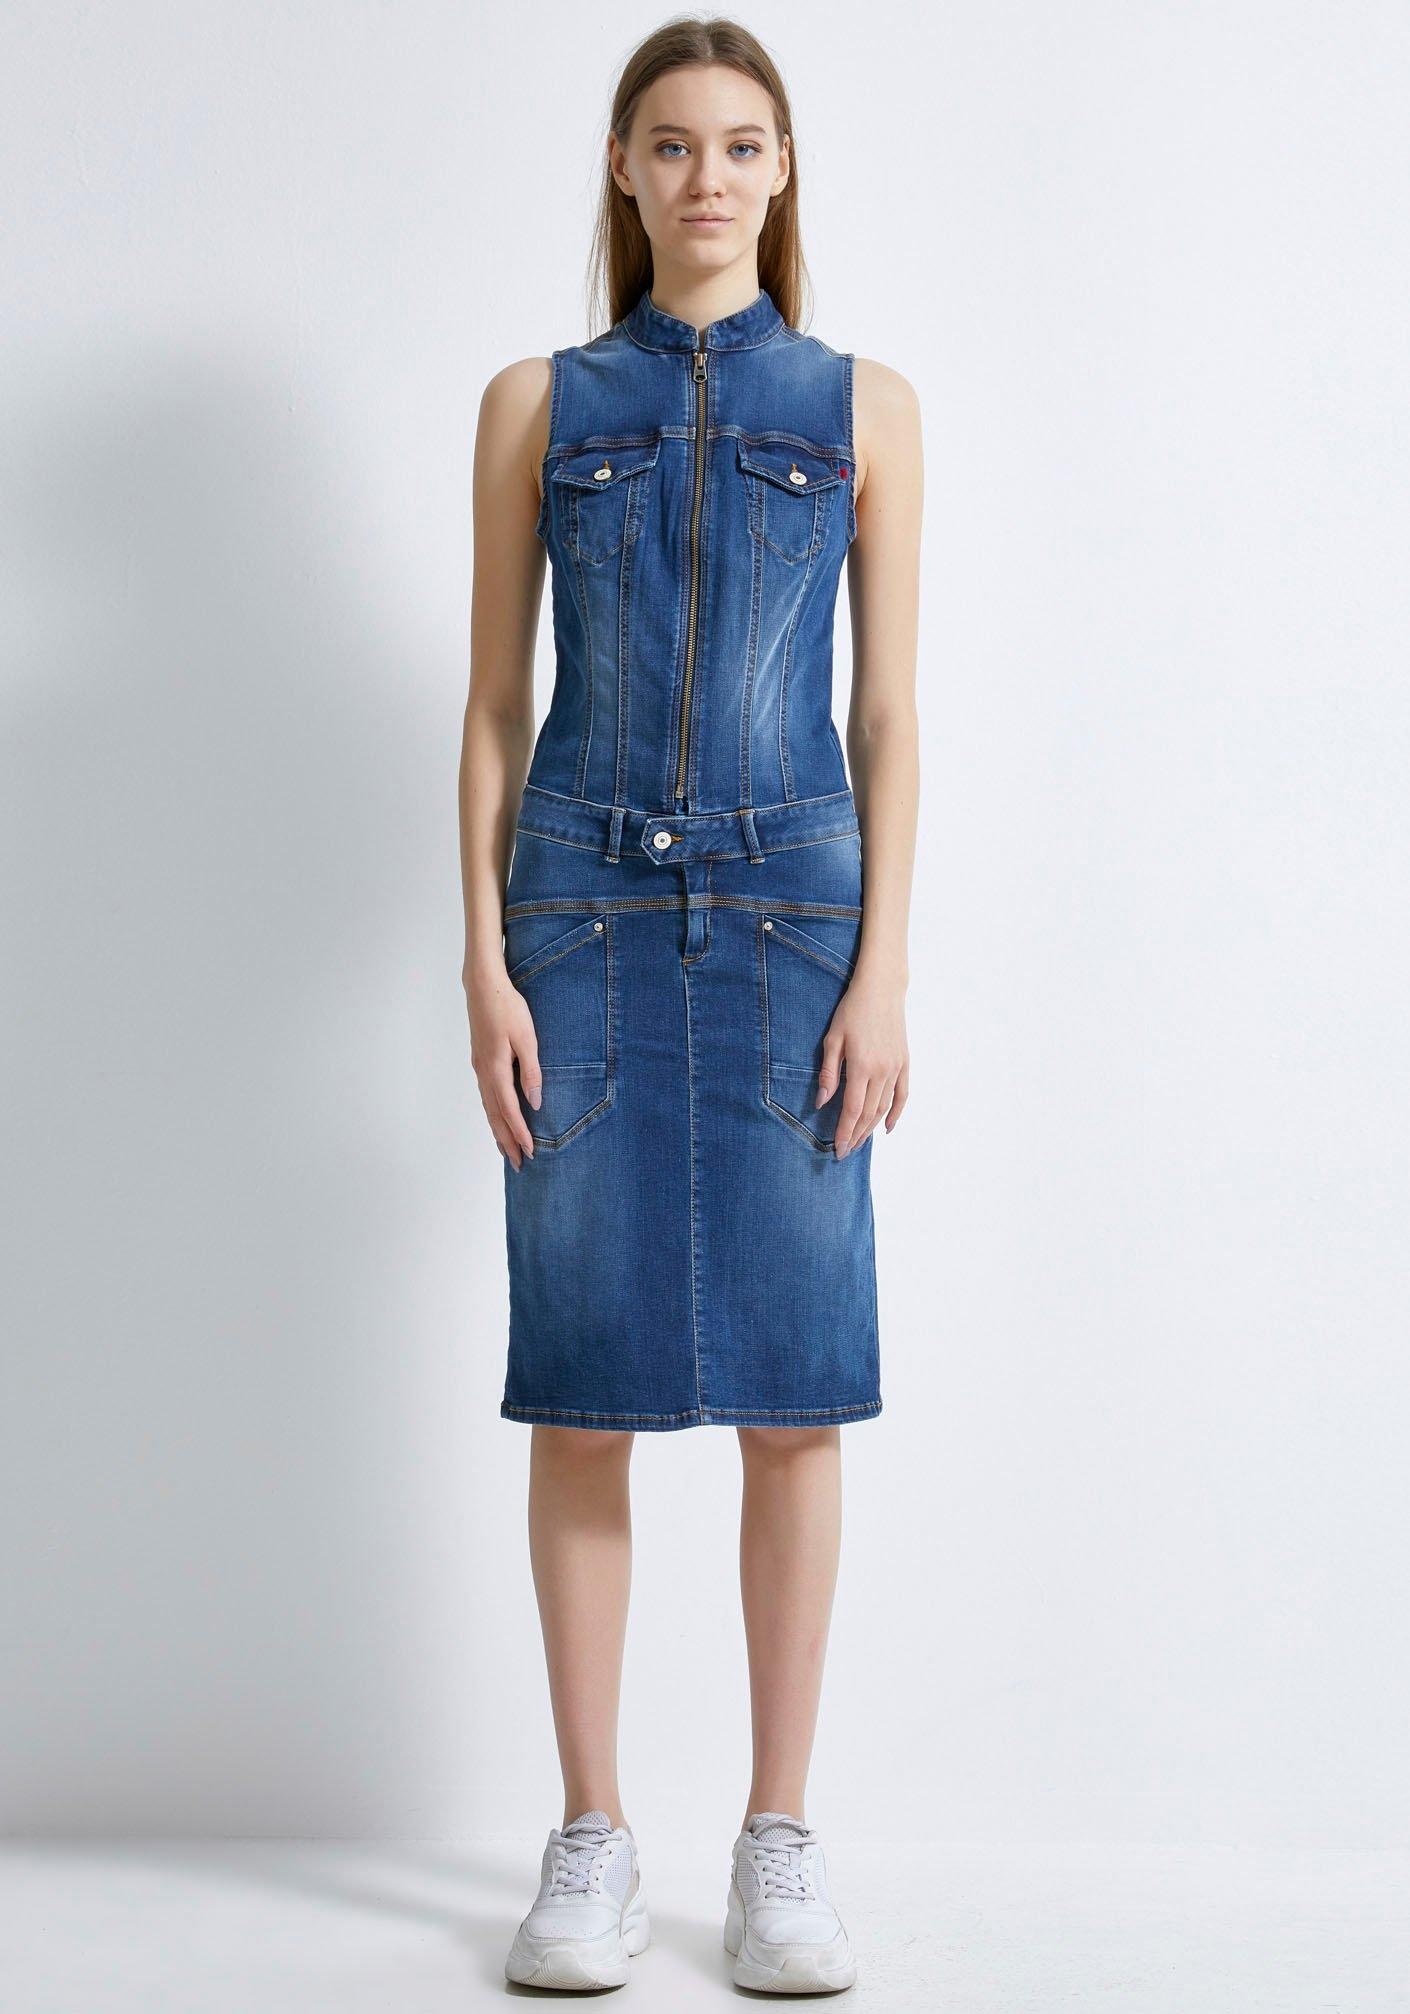 LTB jeansjurk »BILLY« goedkoop op otto.nl kopen